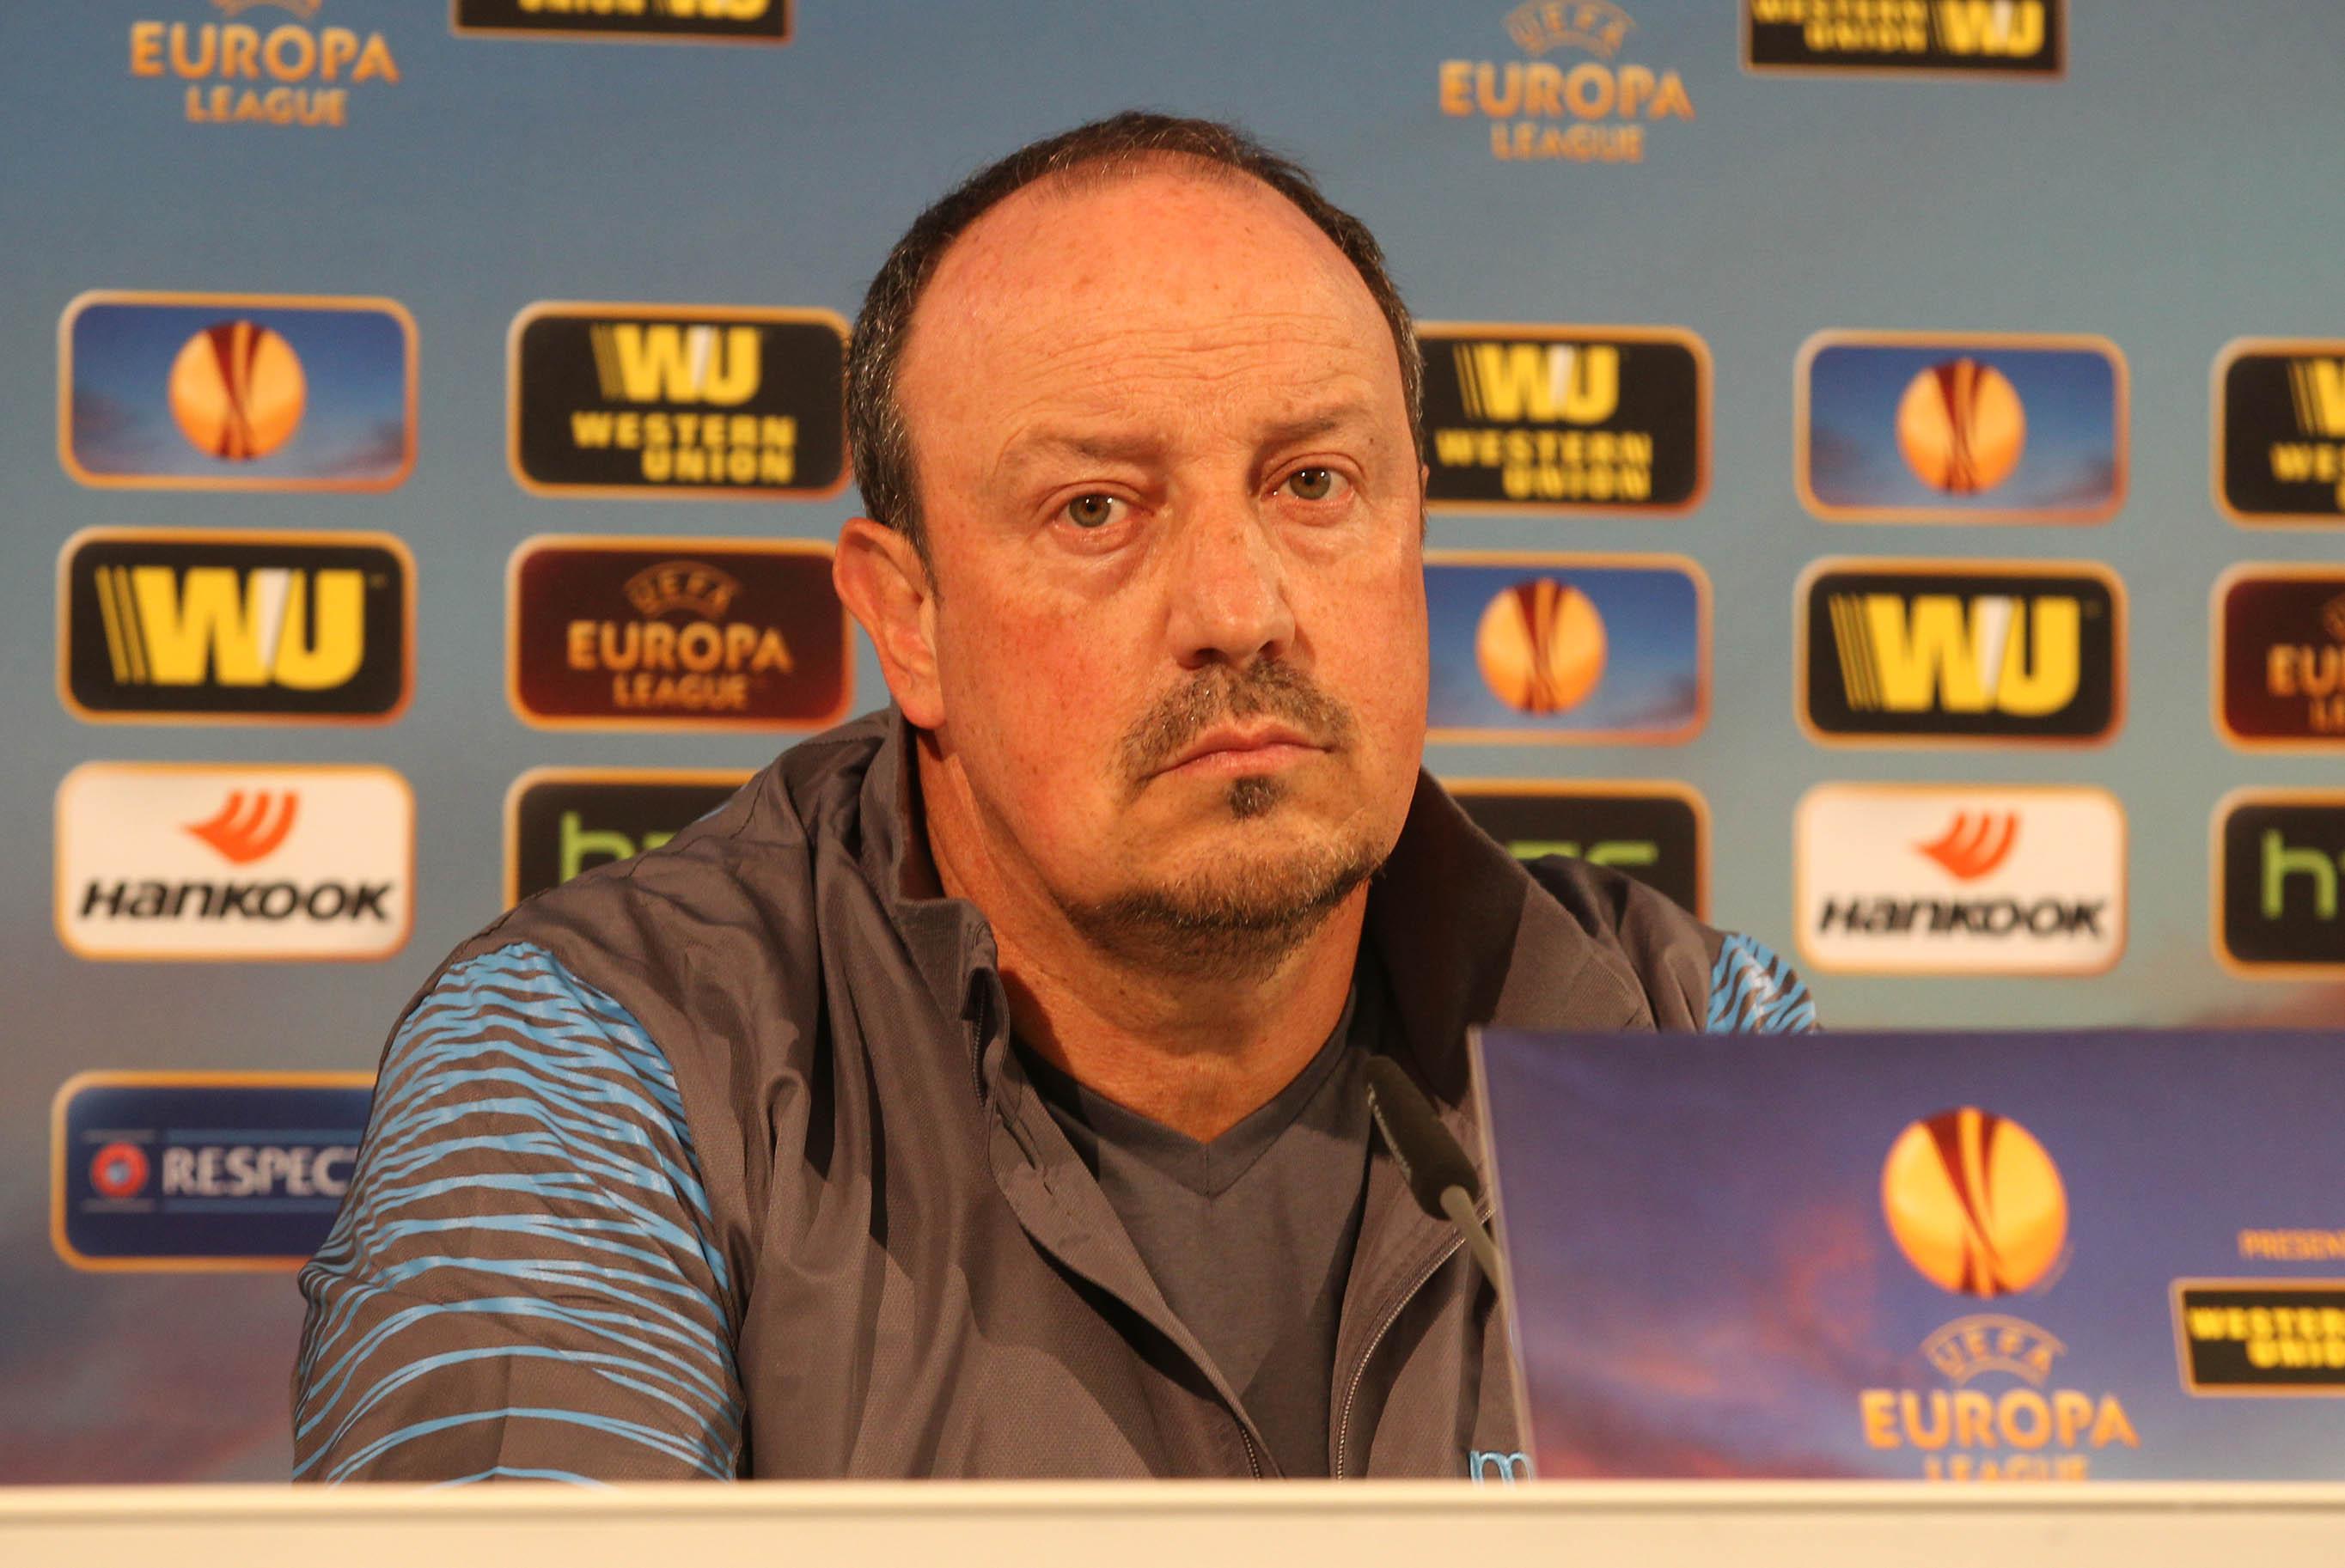 La conferenza stampa di Benitez dopo Wolfsburg